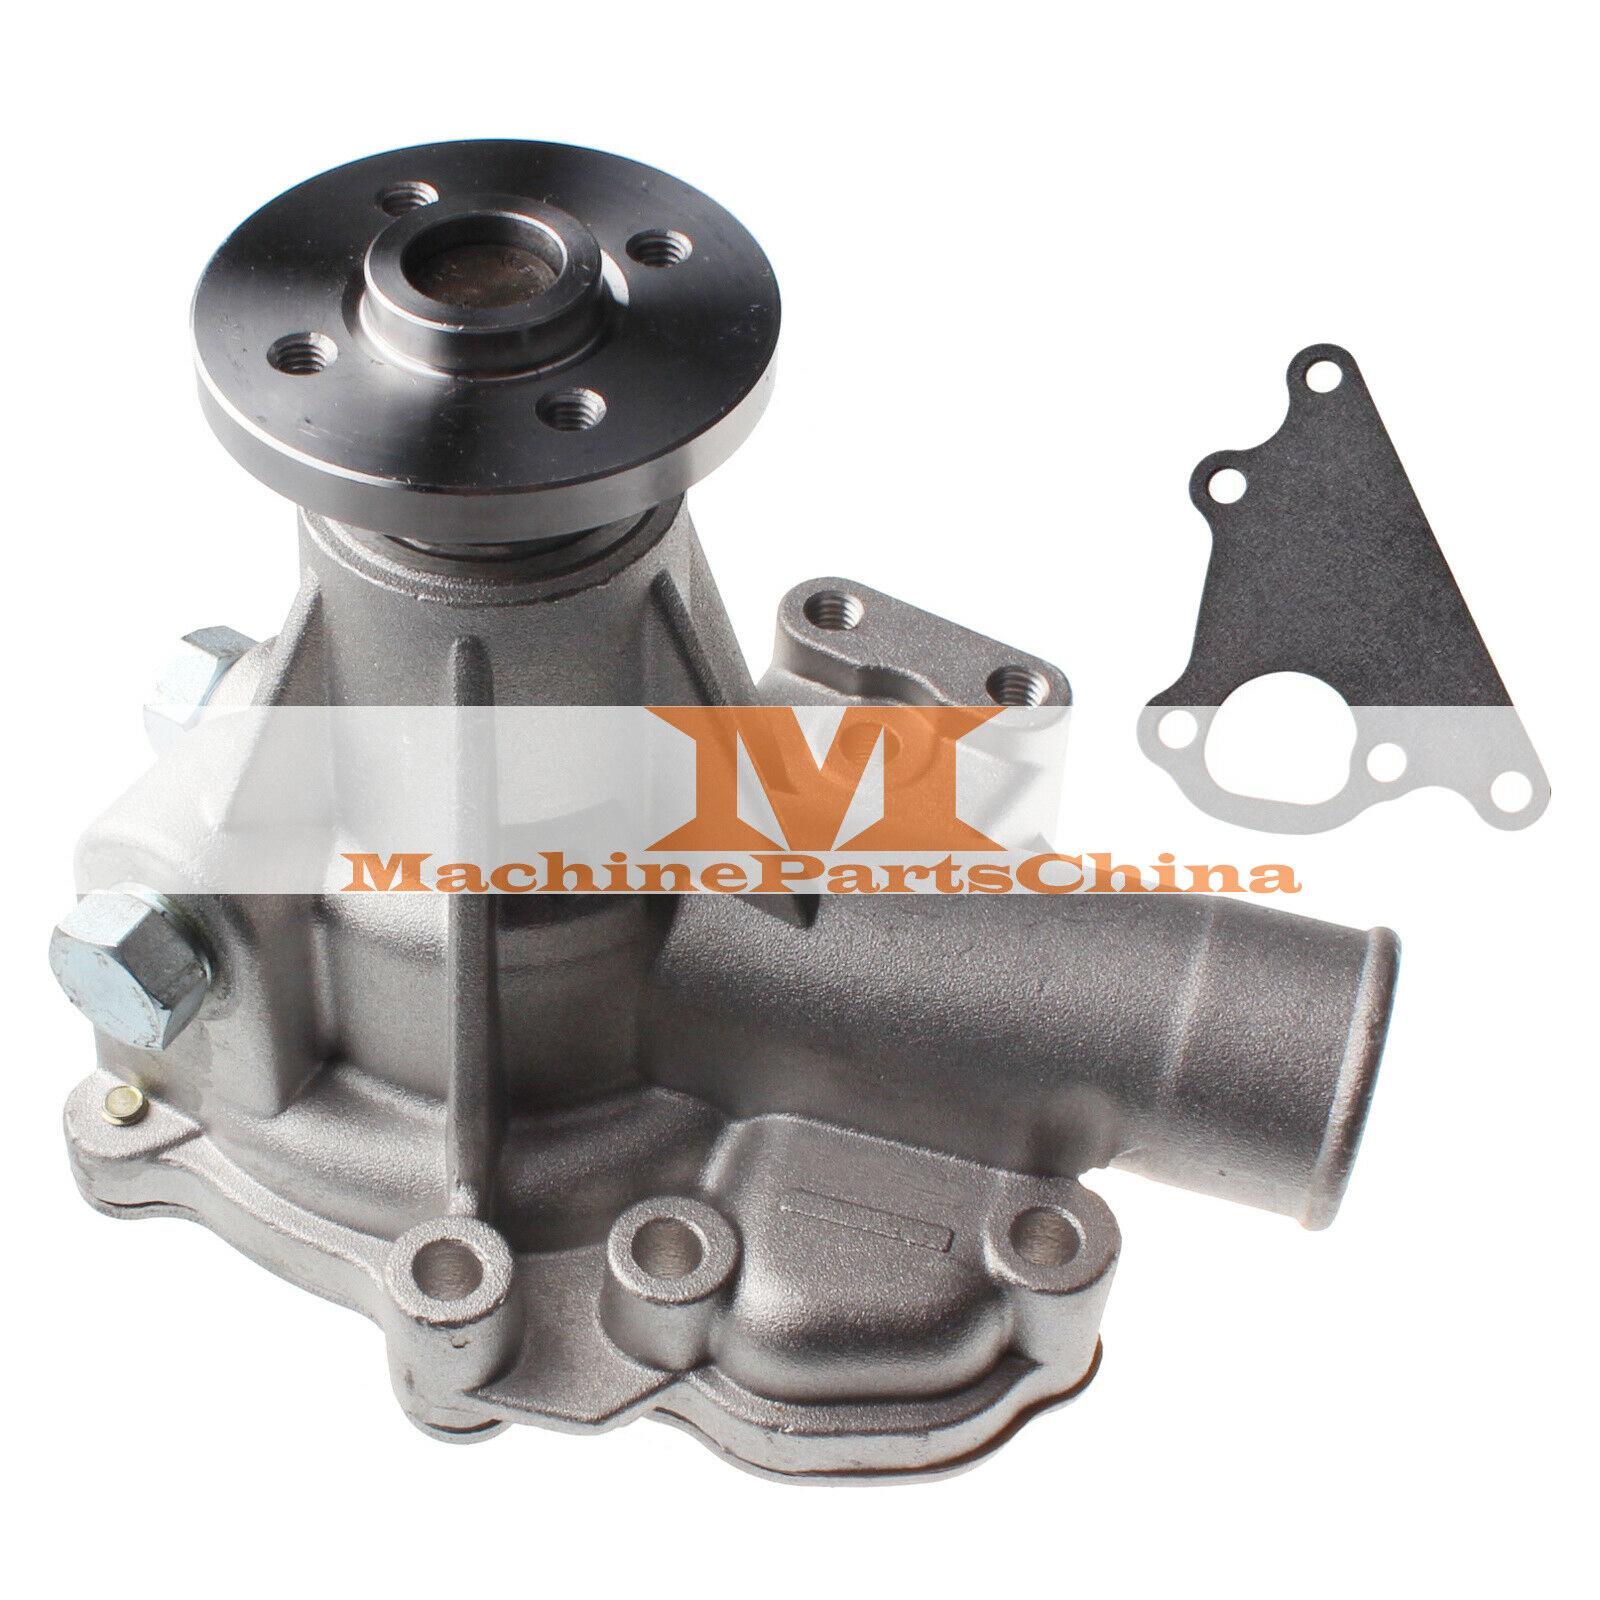 Water Pump For Caterpillar 3024 C2.2 247B 257B 216 226B 332 Skid Steer